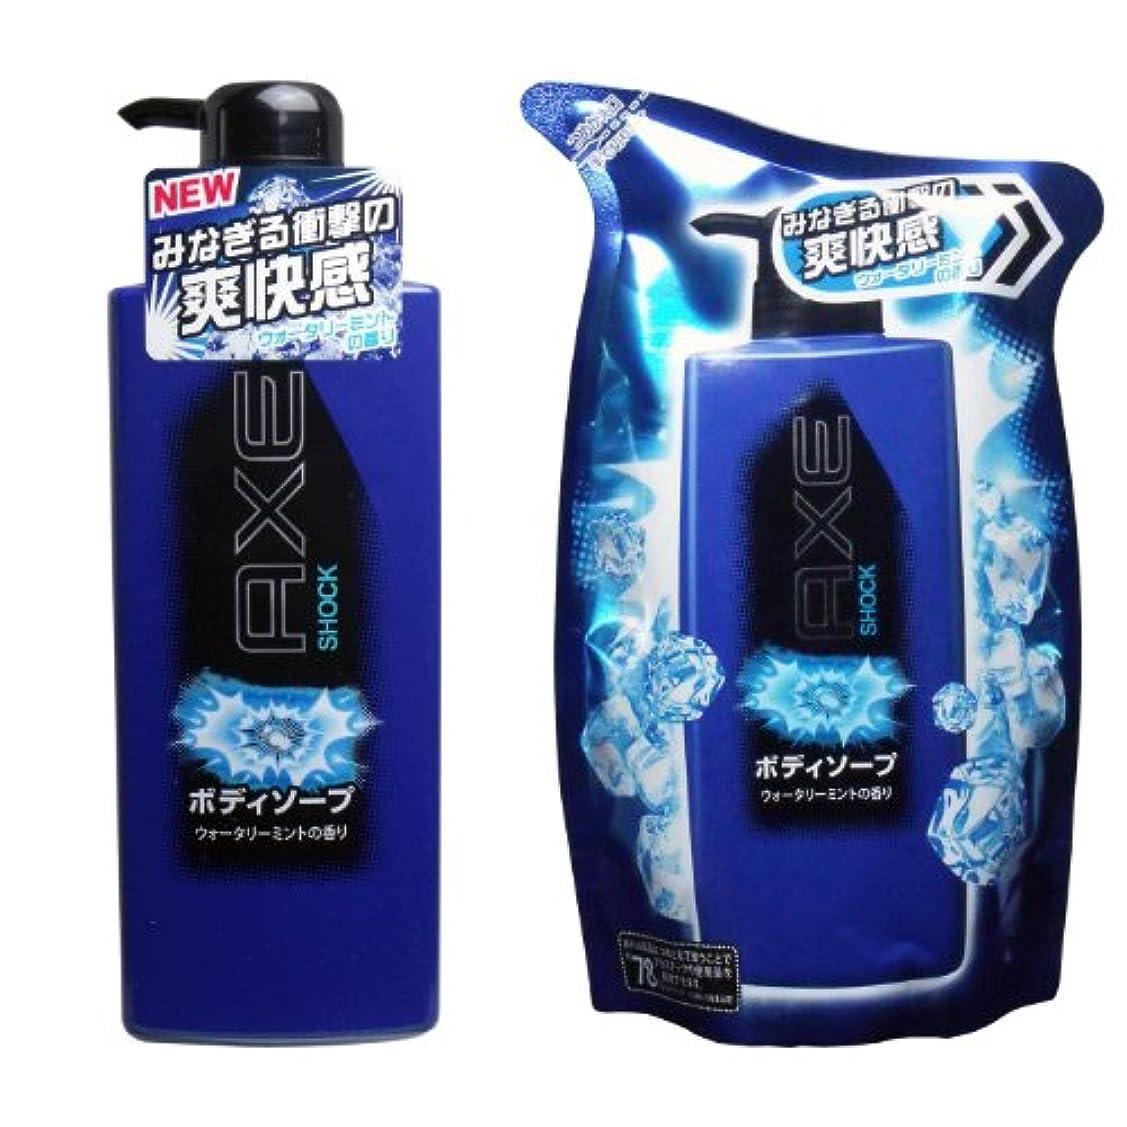 乳白有害な起こるAXE(アックス) ボディソープに詰め替え用付きの2点セット (ショック ウォータリーミントの香り)